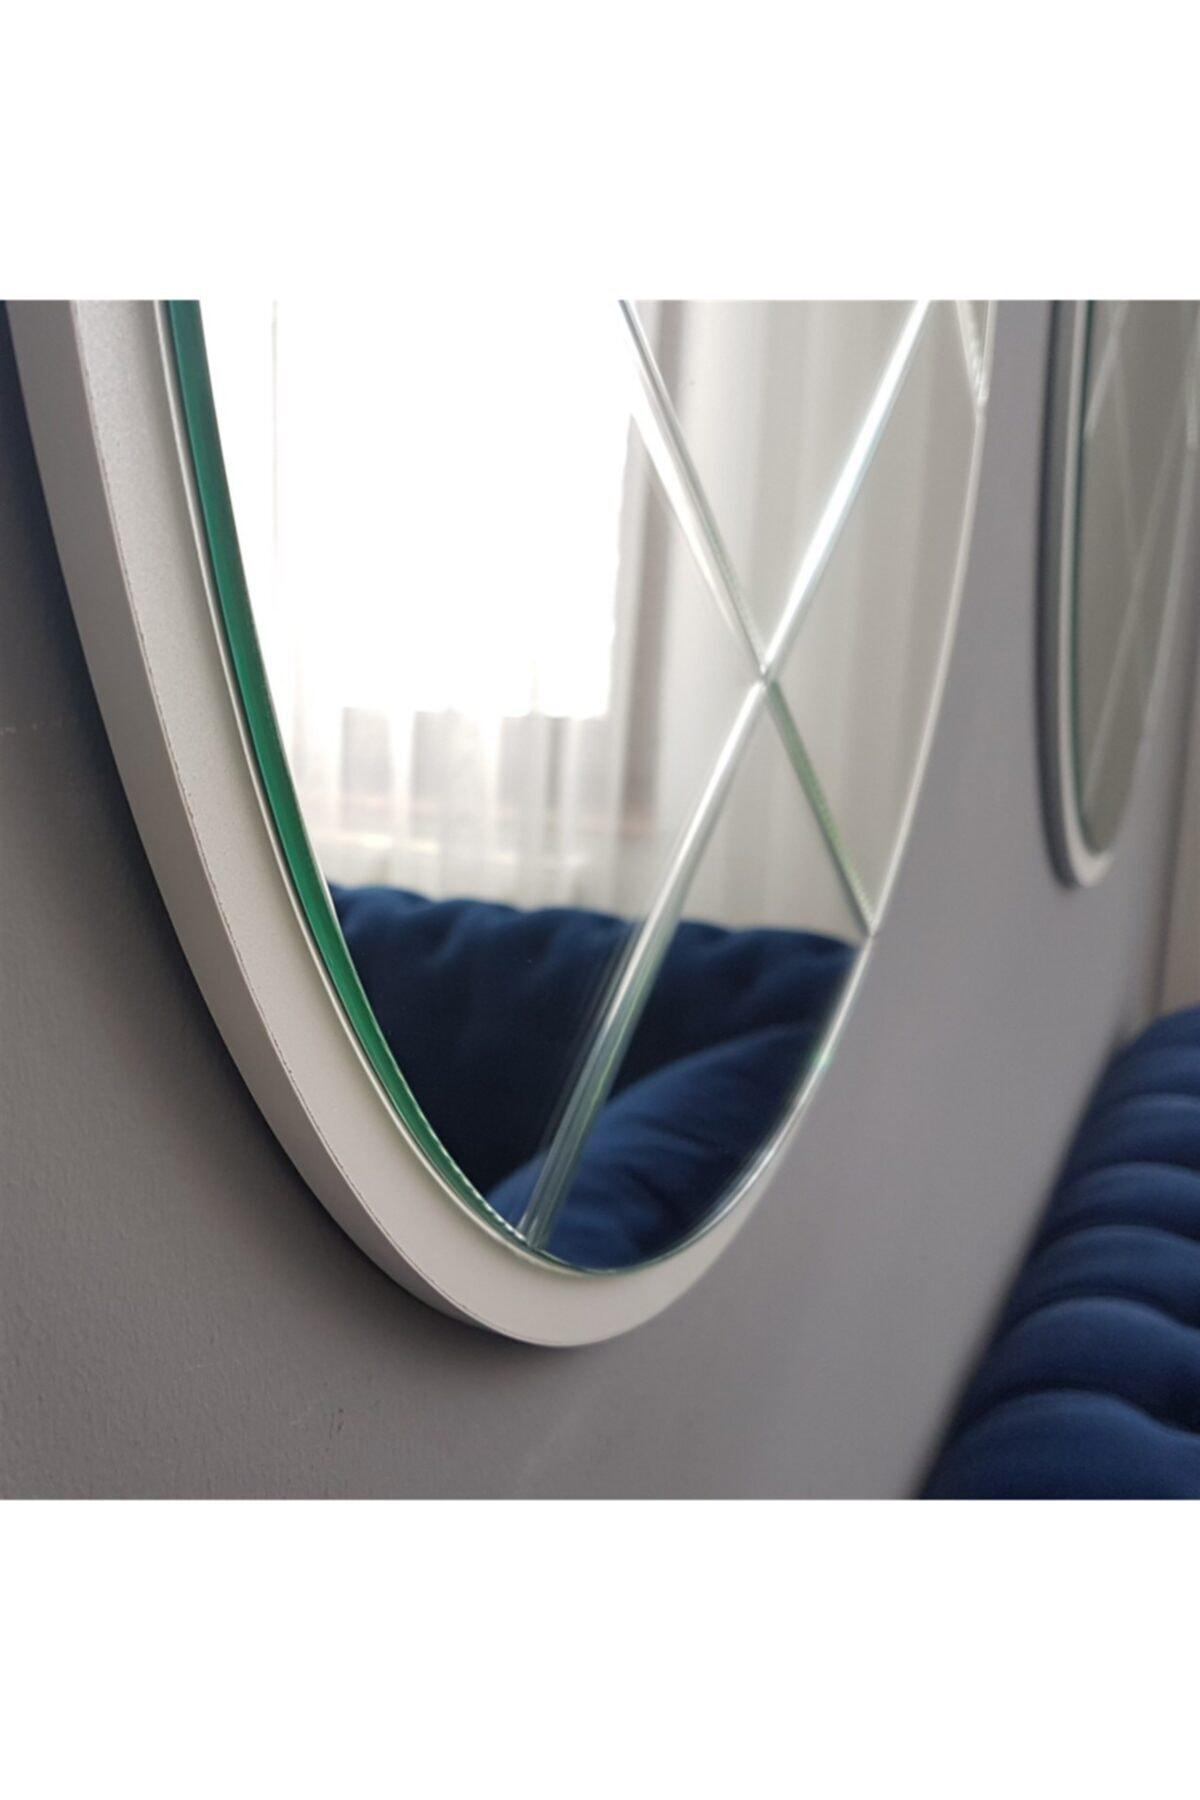 NEOstill - Baklava Desen Ayna 60 Cm A700 2